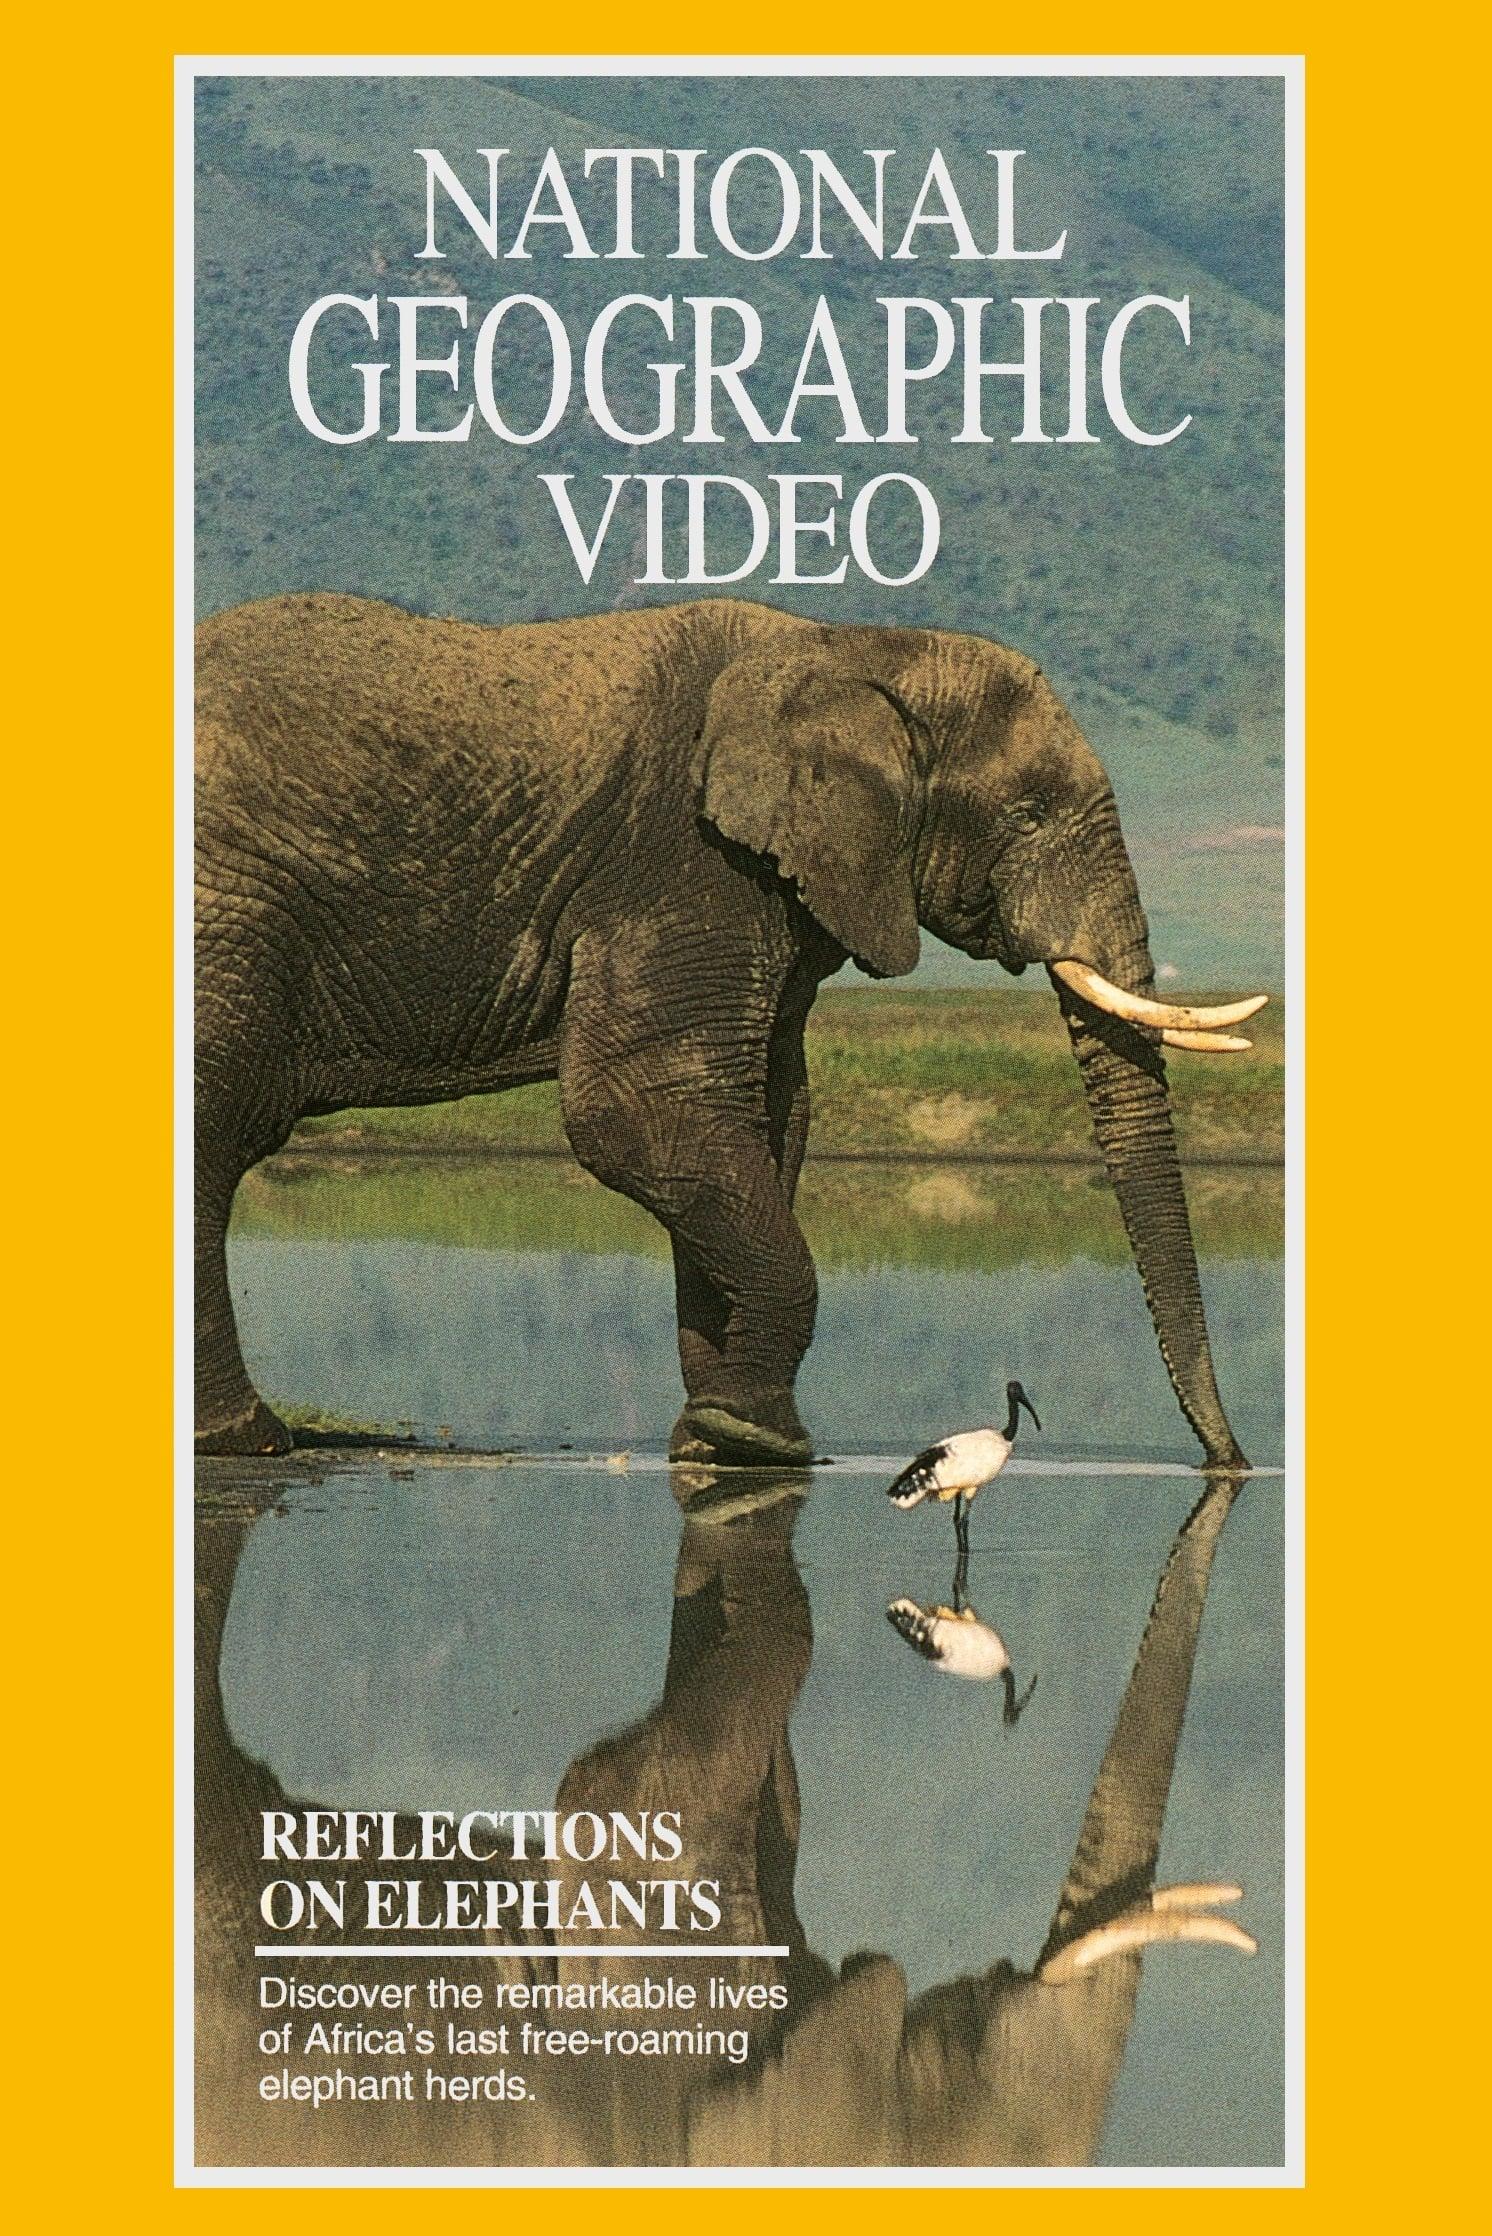 Reflections on Elephants (1970)